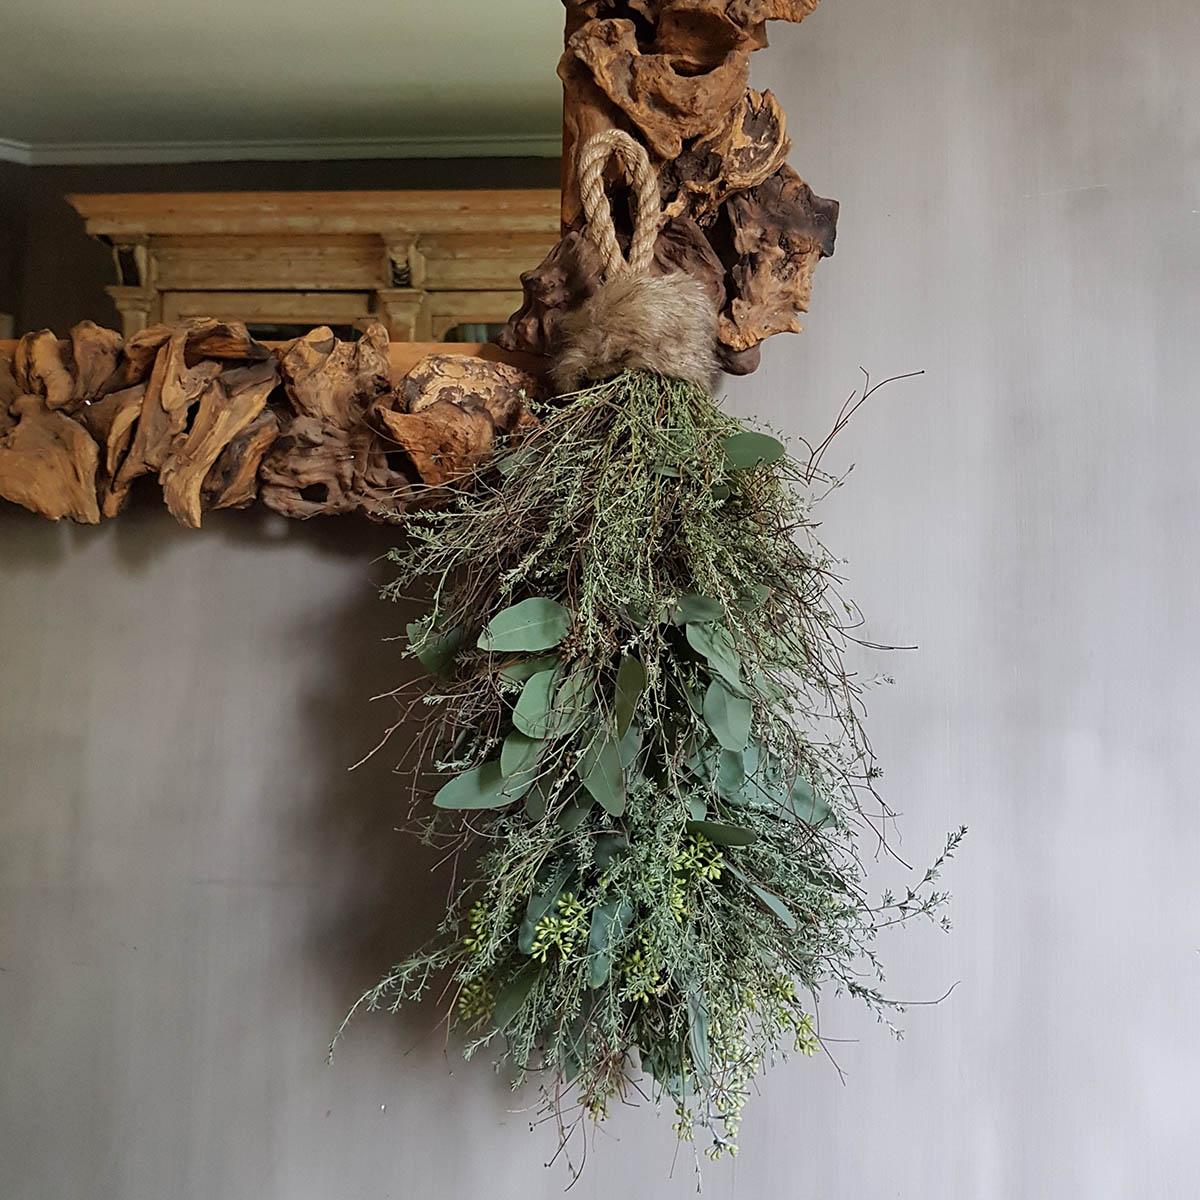 Foto van toef van mos, wilde thijm en eucalyptus voor index webshop Antérieur Authentique